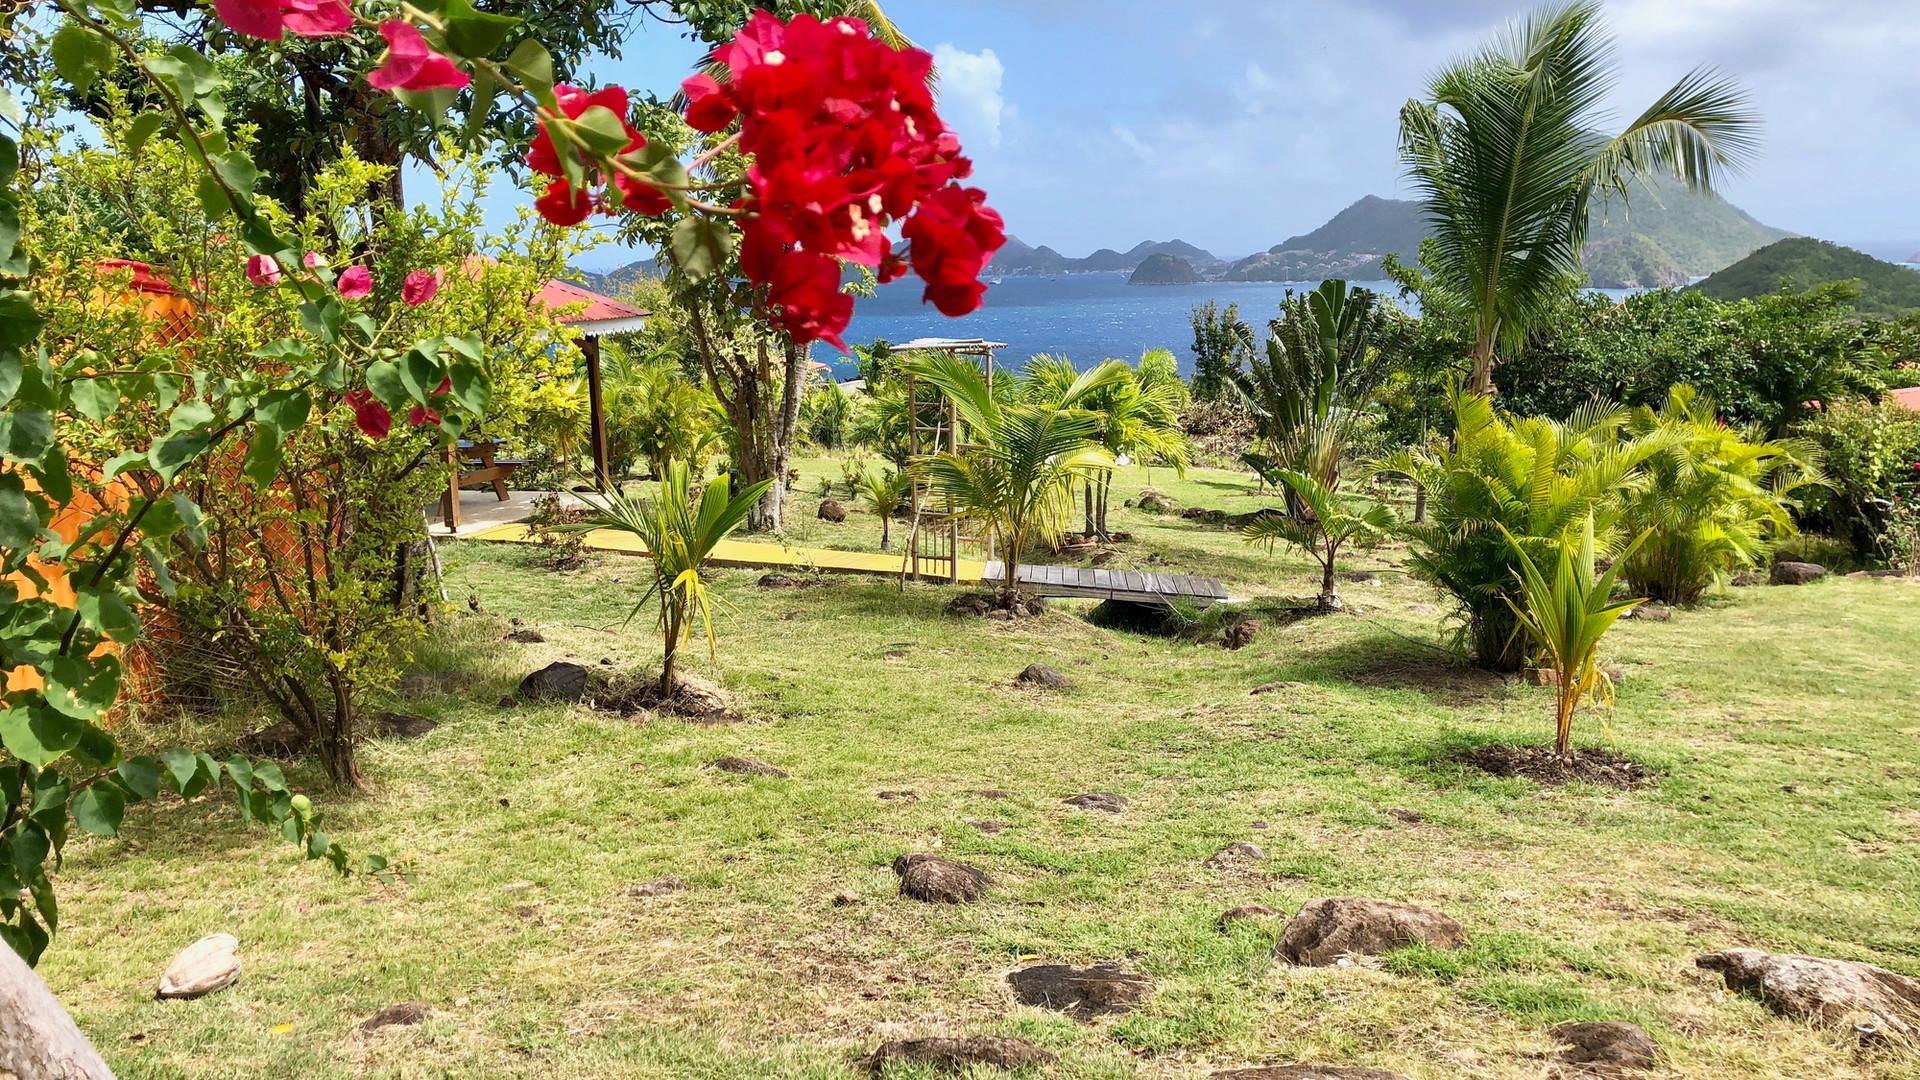 Jardin de la Résidence Coco d'Iles -  Les Saintes